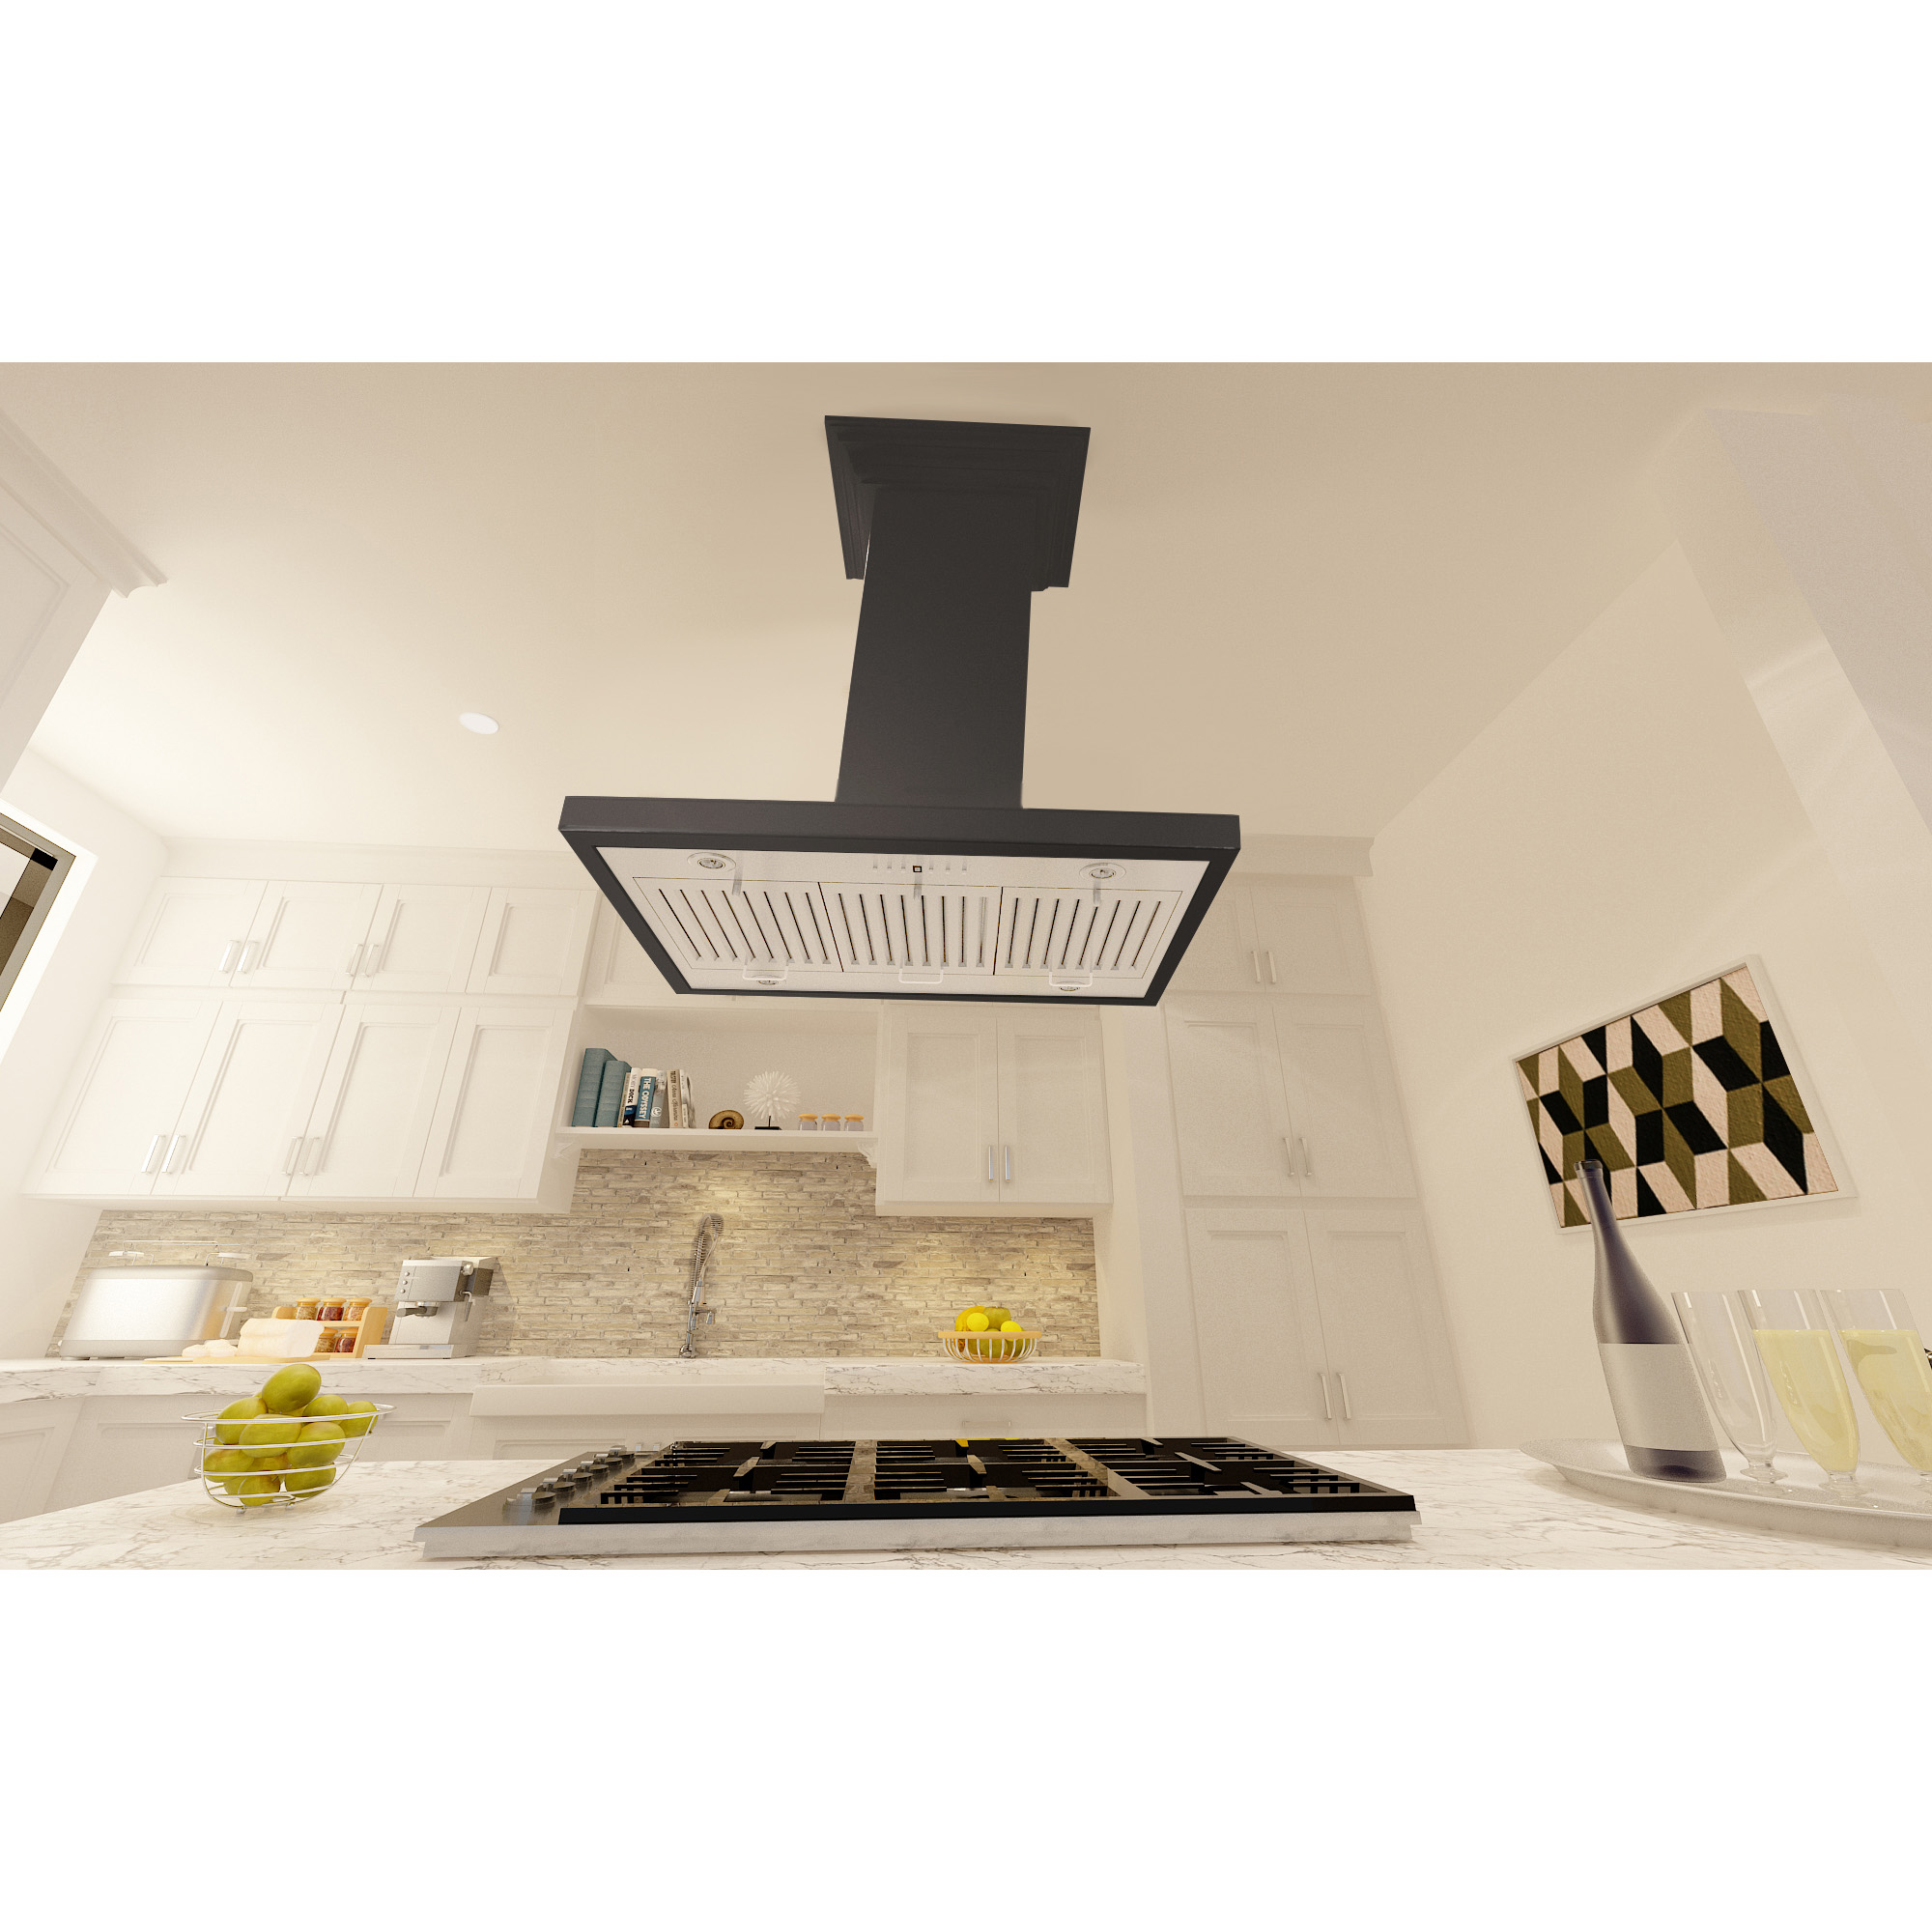 zline-designer-wood-range-hood-KBiCC-kitchen-2.jpg